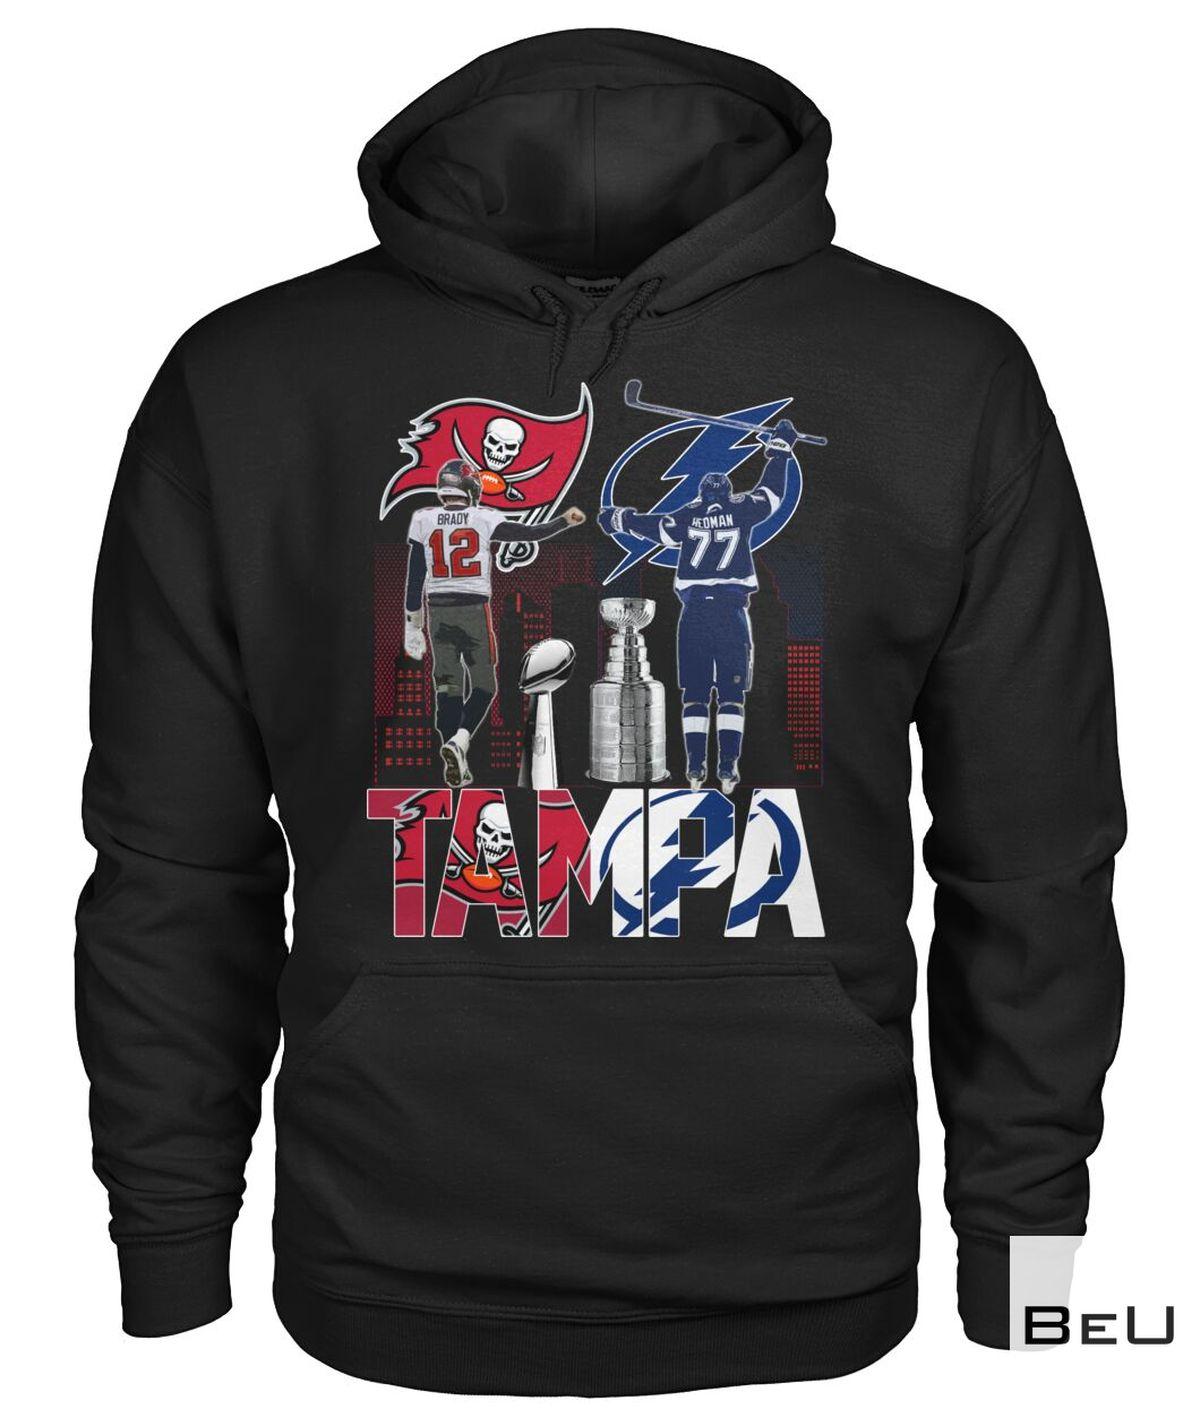 12 Brady 77 Hedman Tampa Shirtz